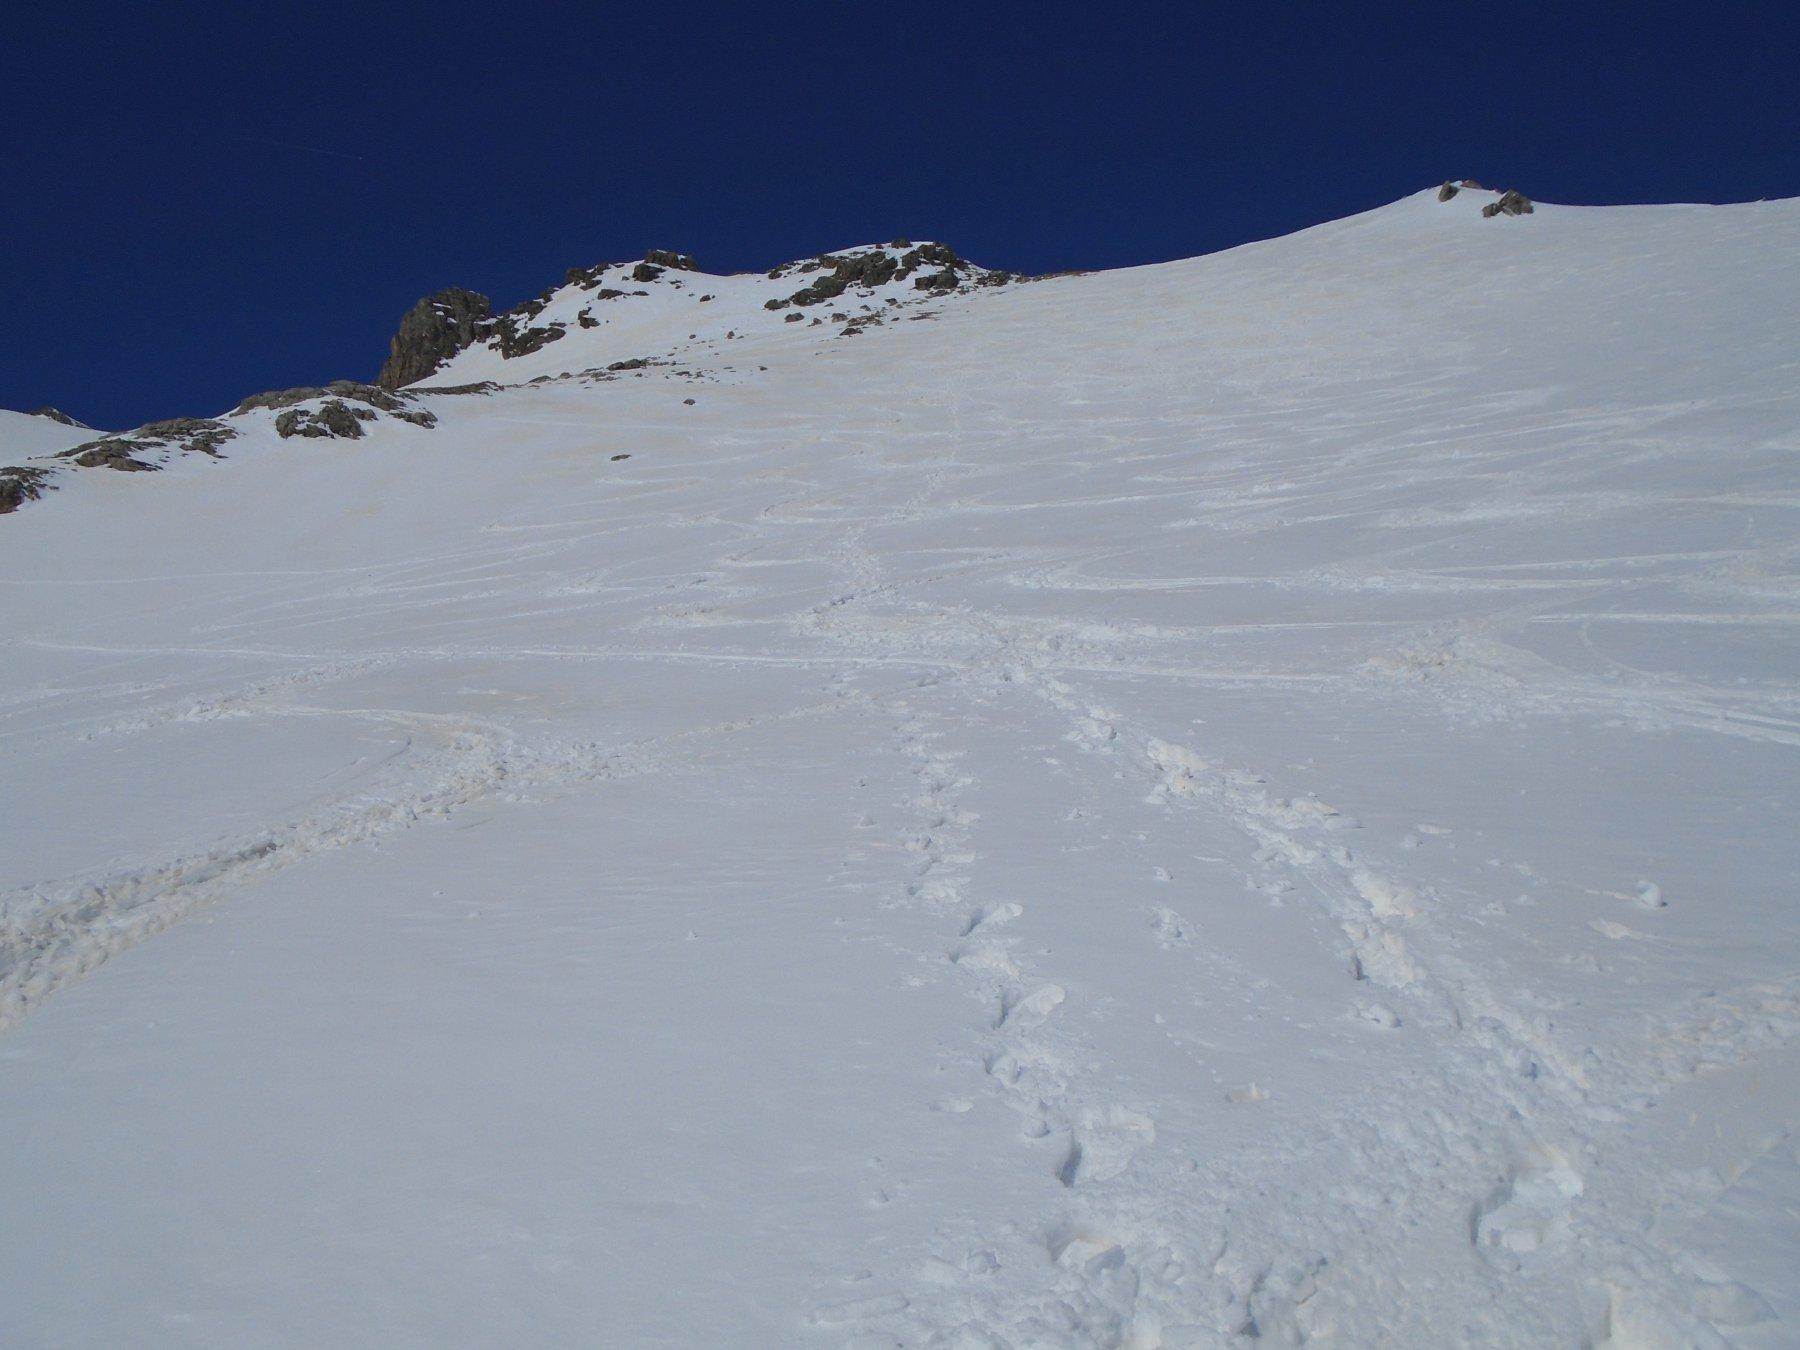 Discesa a dx sulle tracce degli sciatori